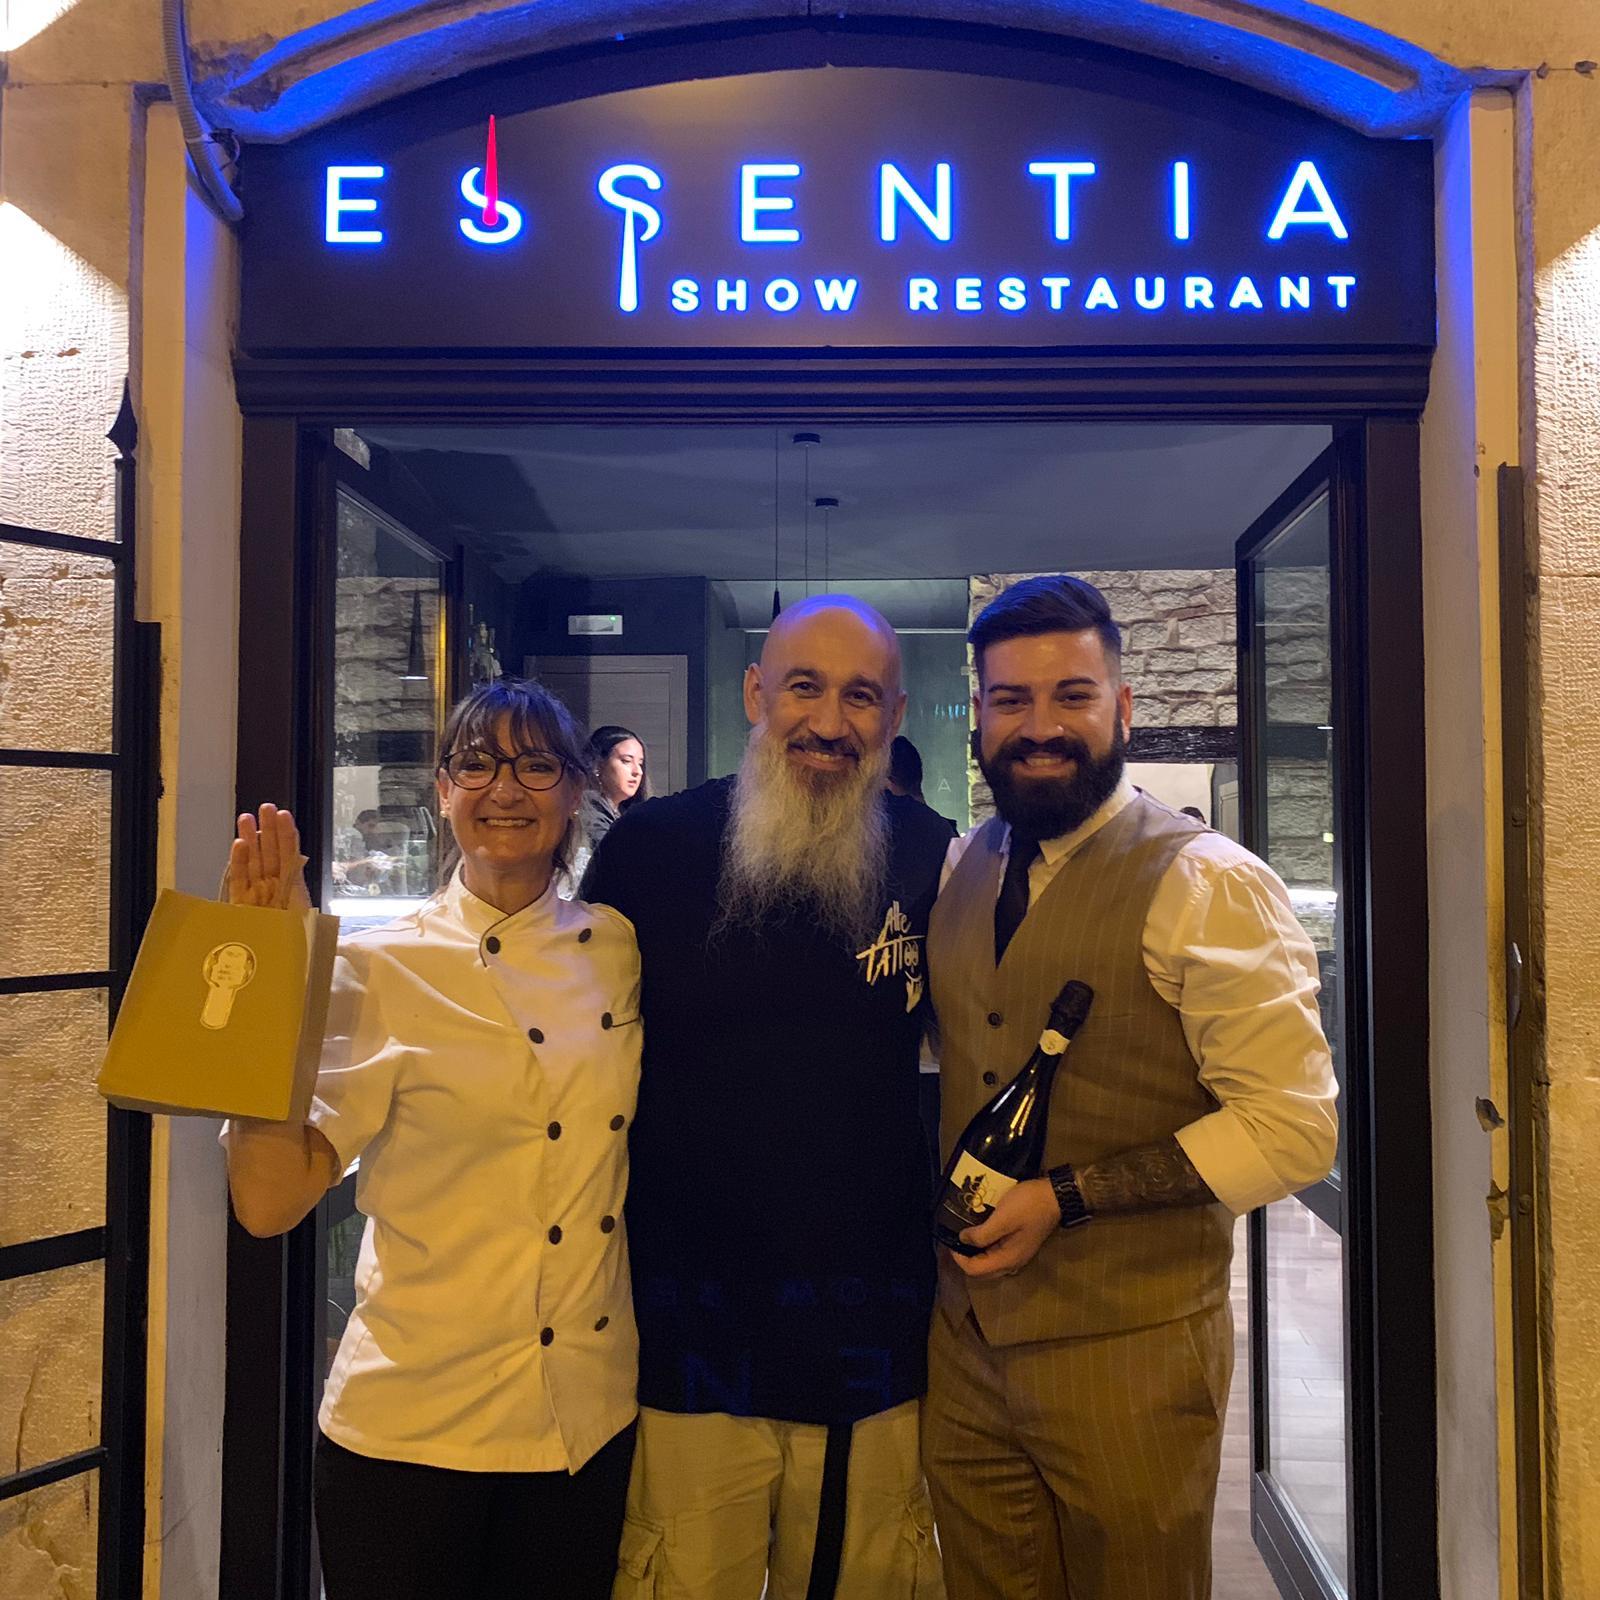 Essentia Show Restaurant Campobasso